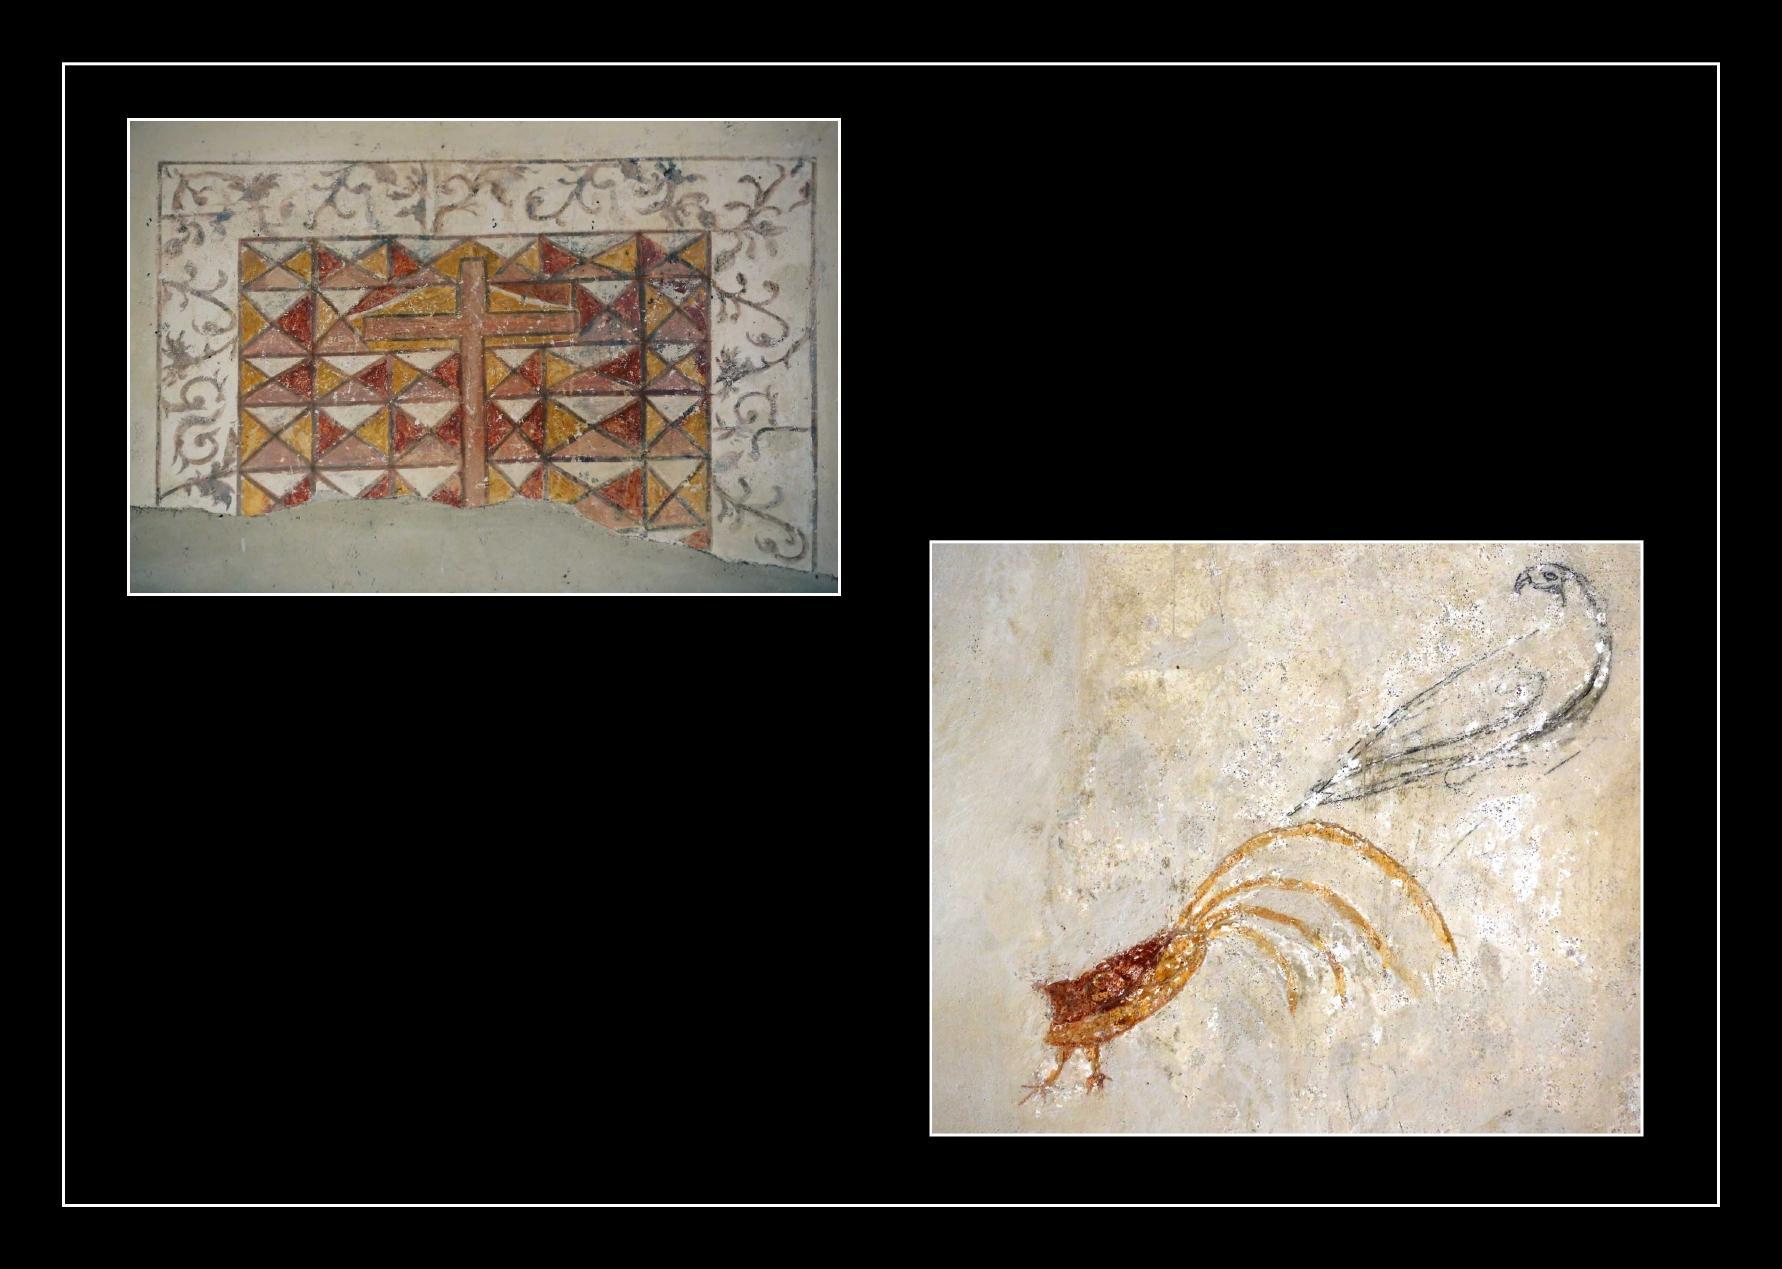 Eglises peintes details page 006 db